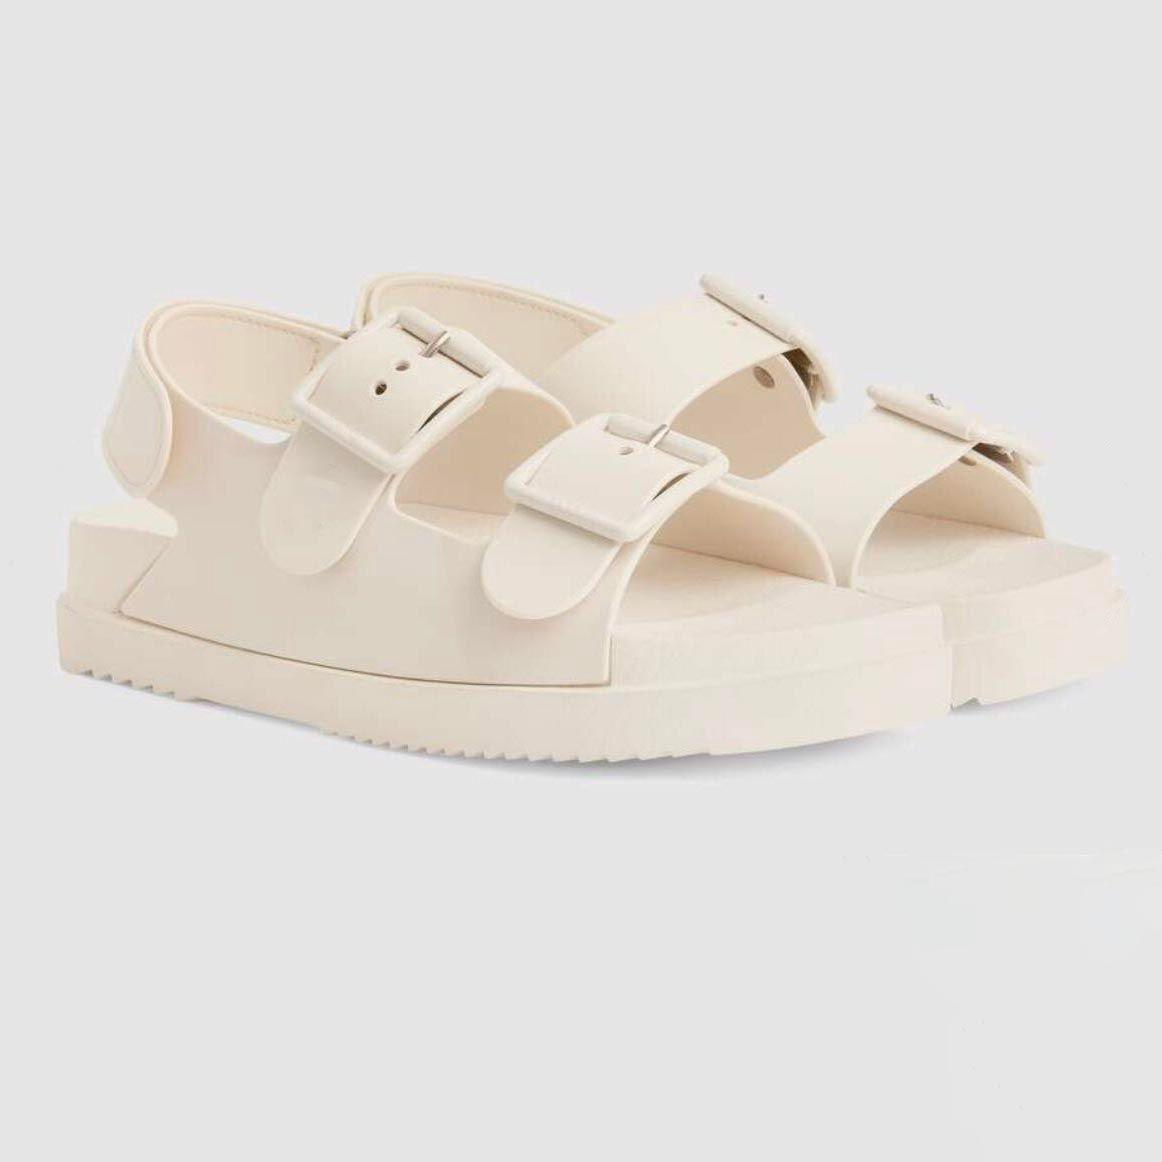 Designer de luxe Femmes Sandales 2021 Mode Été Rose Flats Pantoufles Pantoufles Femme En plein air Slides Casual Slides Chaussures de voyage